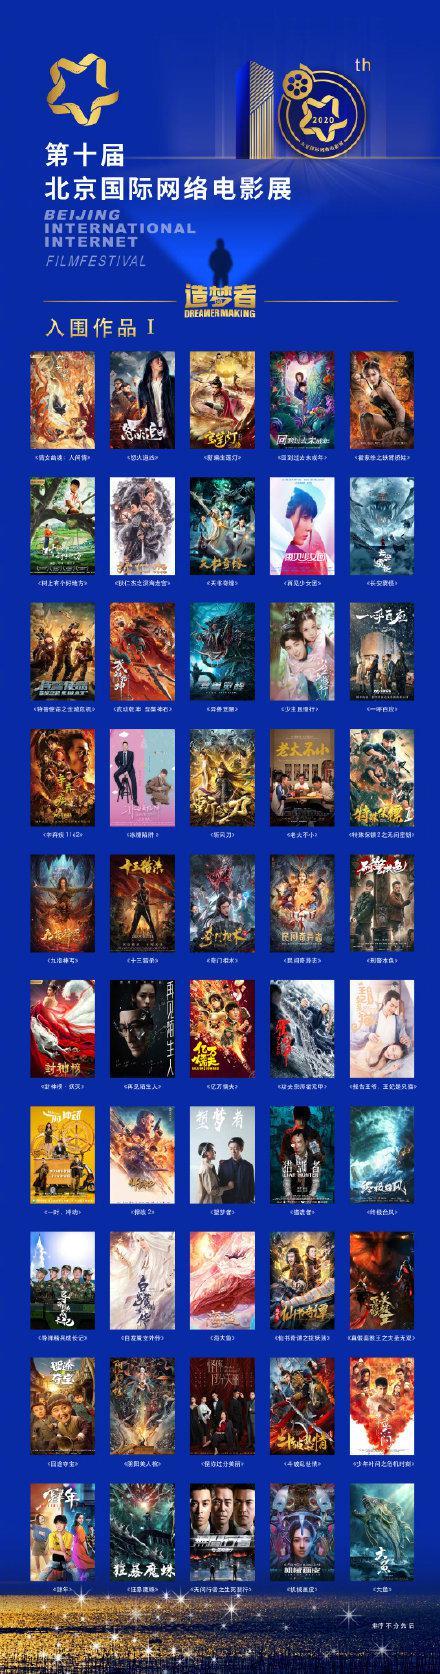 第十届北京国际网络电影展入围作品名单正式公布!